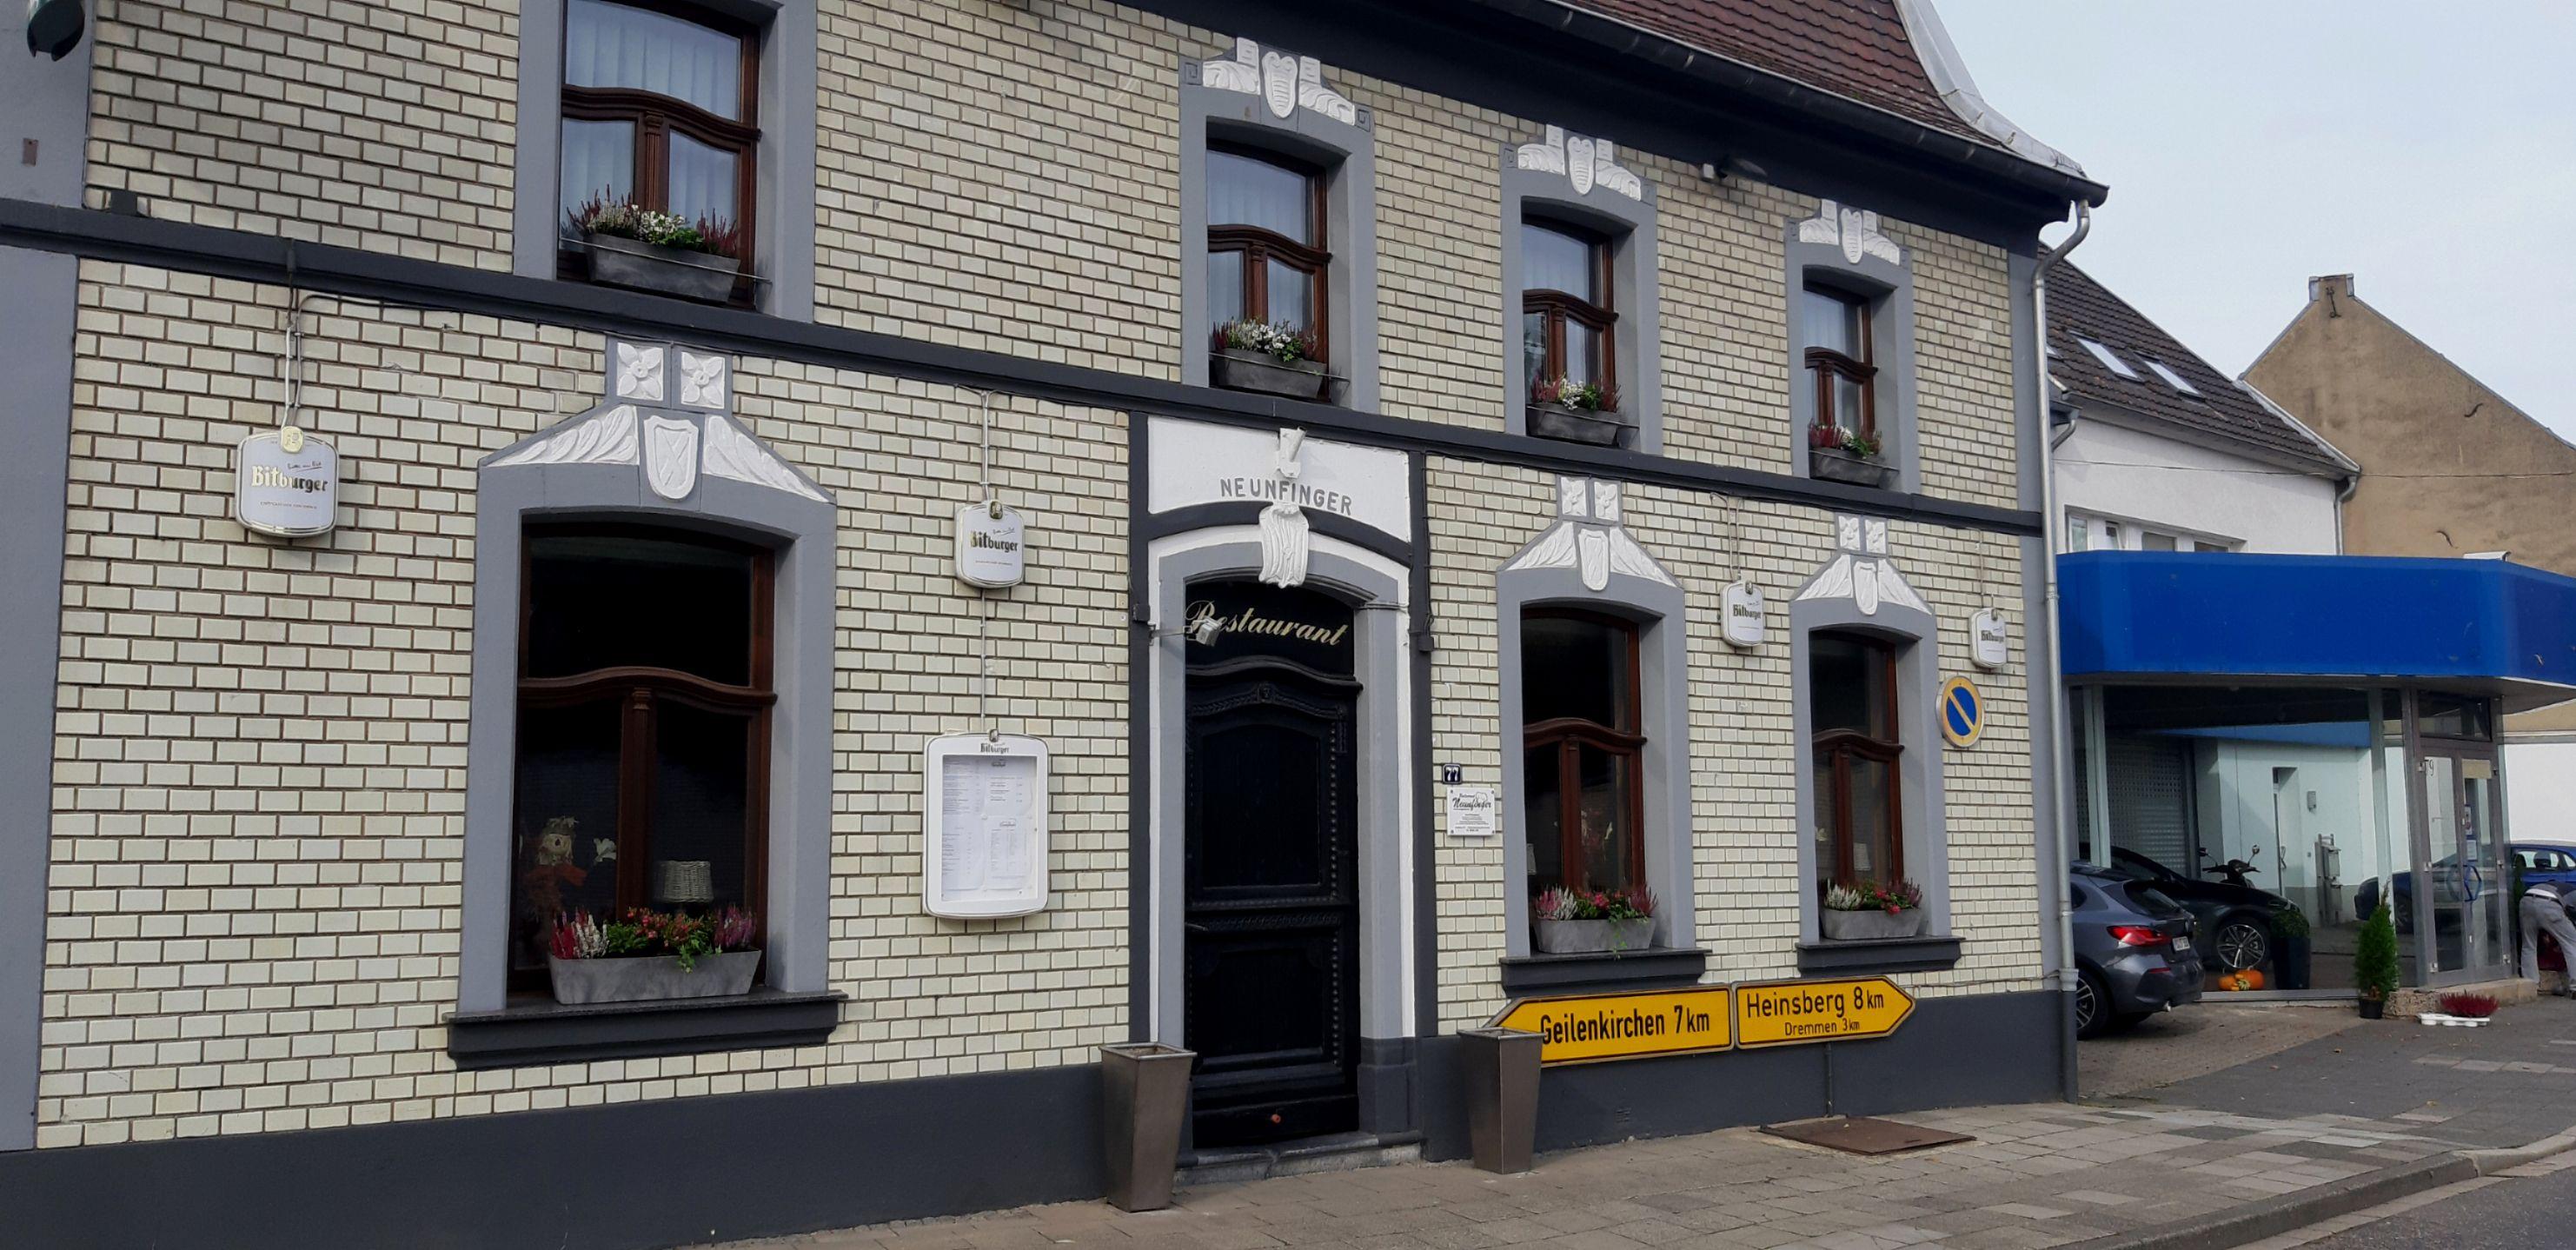 Restaurant Neunfinger